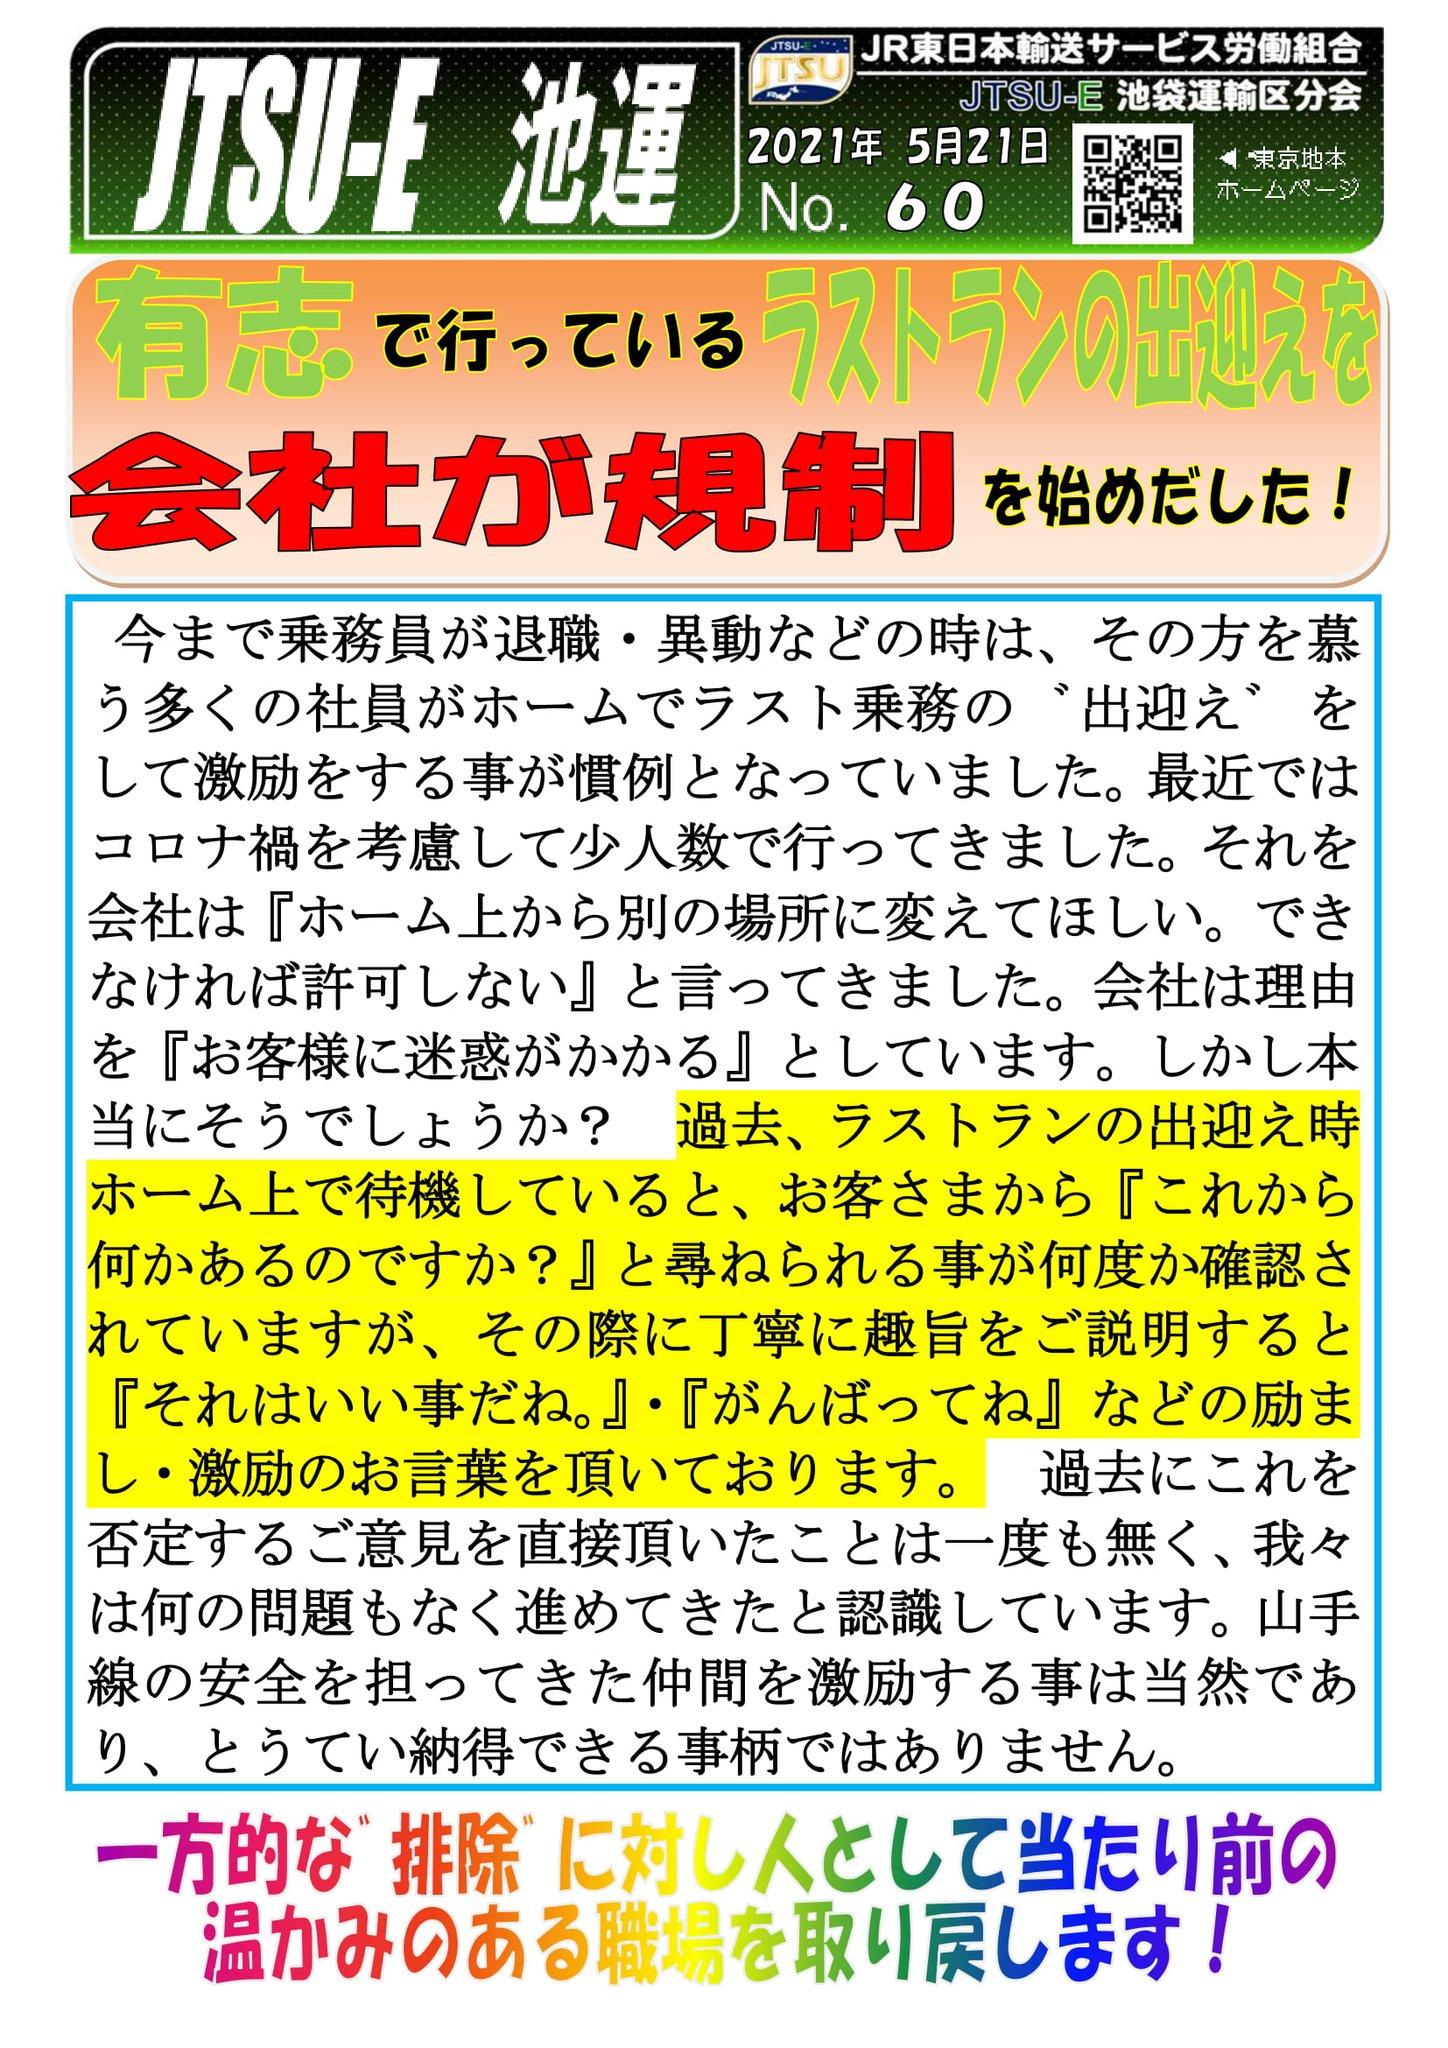 JR東日本が有志によるラスト乗務の出迎えを規制 タブレットを使いカメラで監視も